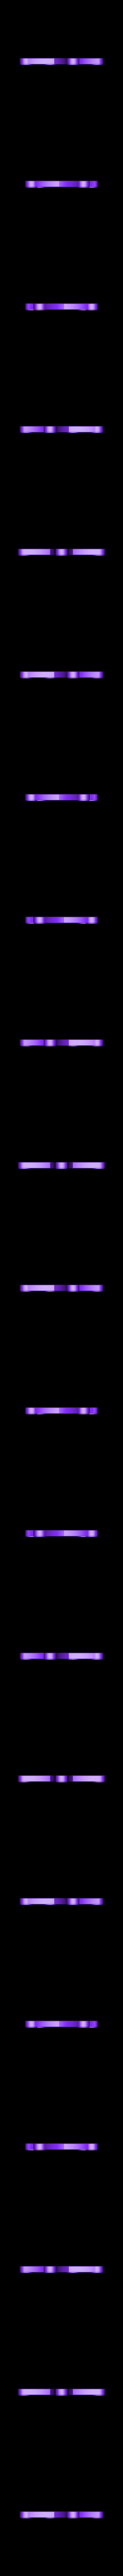 body 1b.STL Télécharger fichier STL gratuit New Hand spinner five gears • Modèle pour impression 3D, Vladimir310873